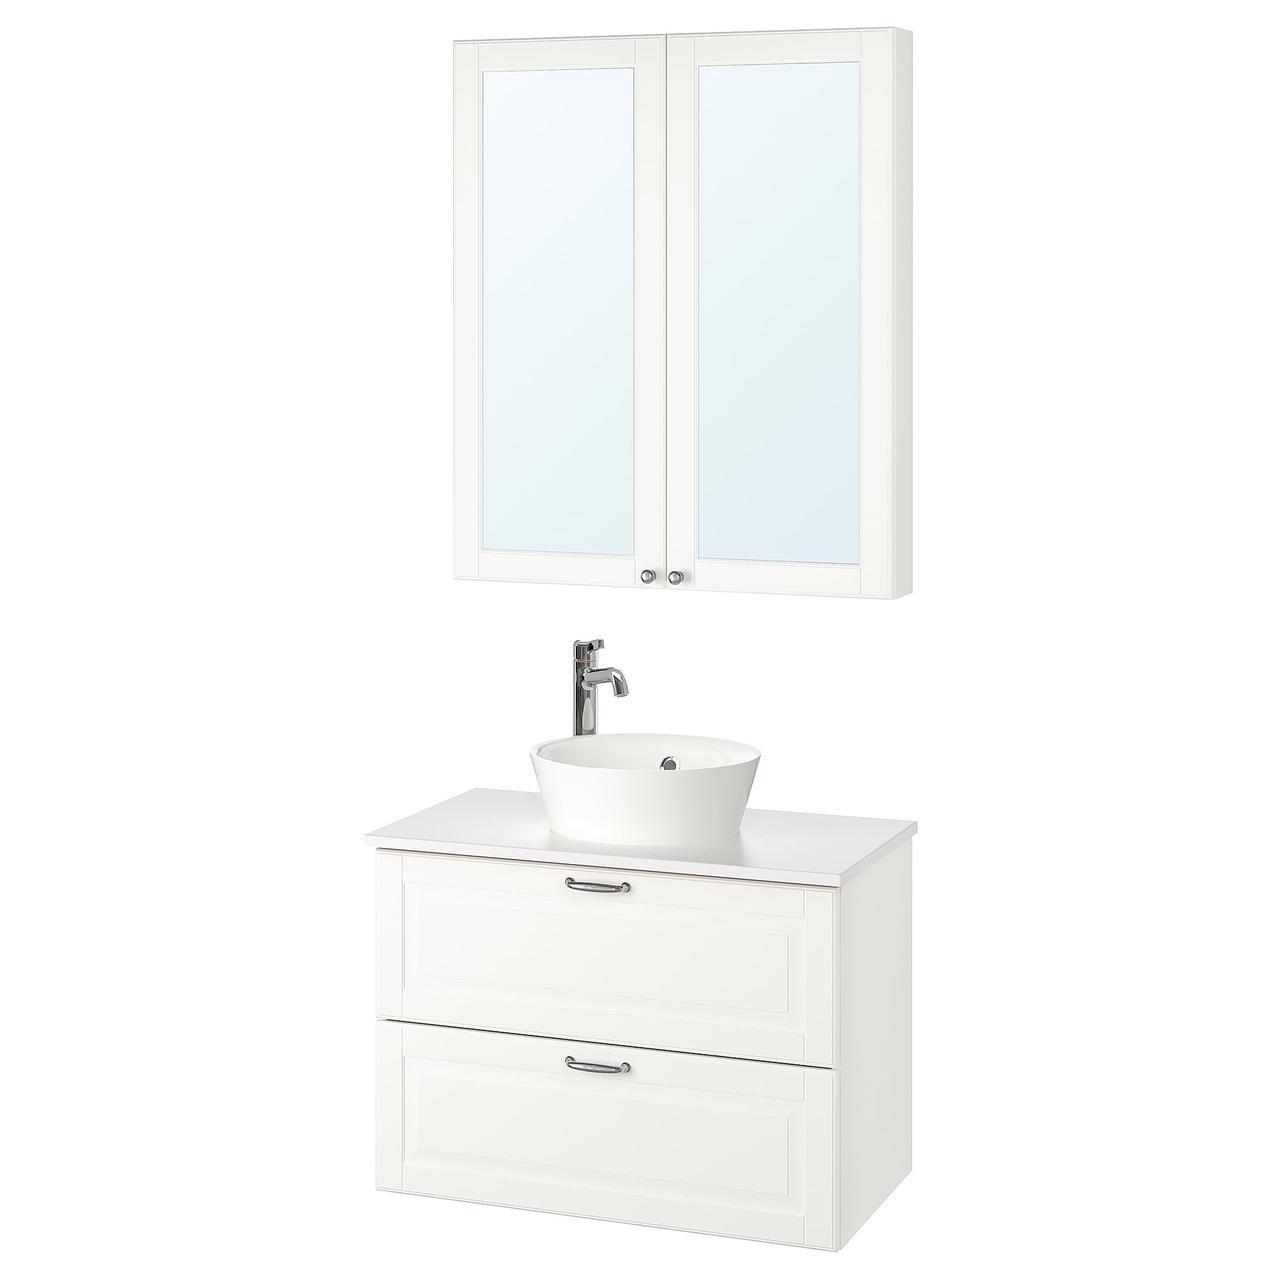 IKEA Комплект мебели для ванной GODMORGON/TOLKEN / KATTEVIK ( 593.045.04)